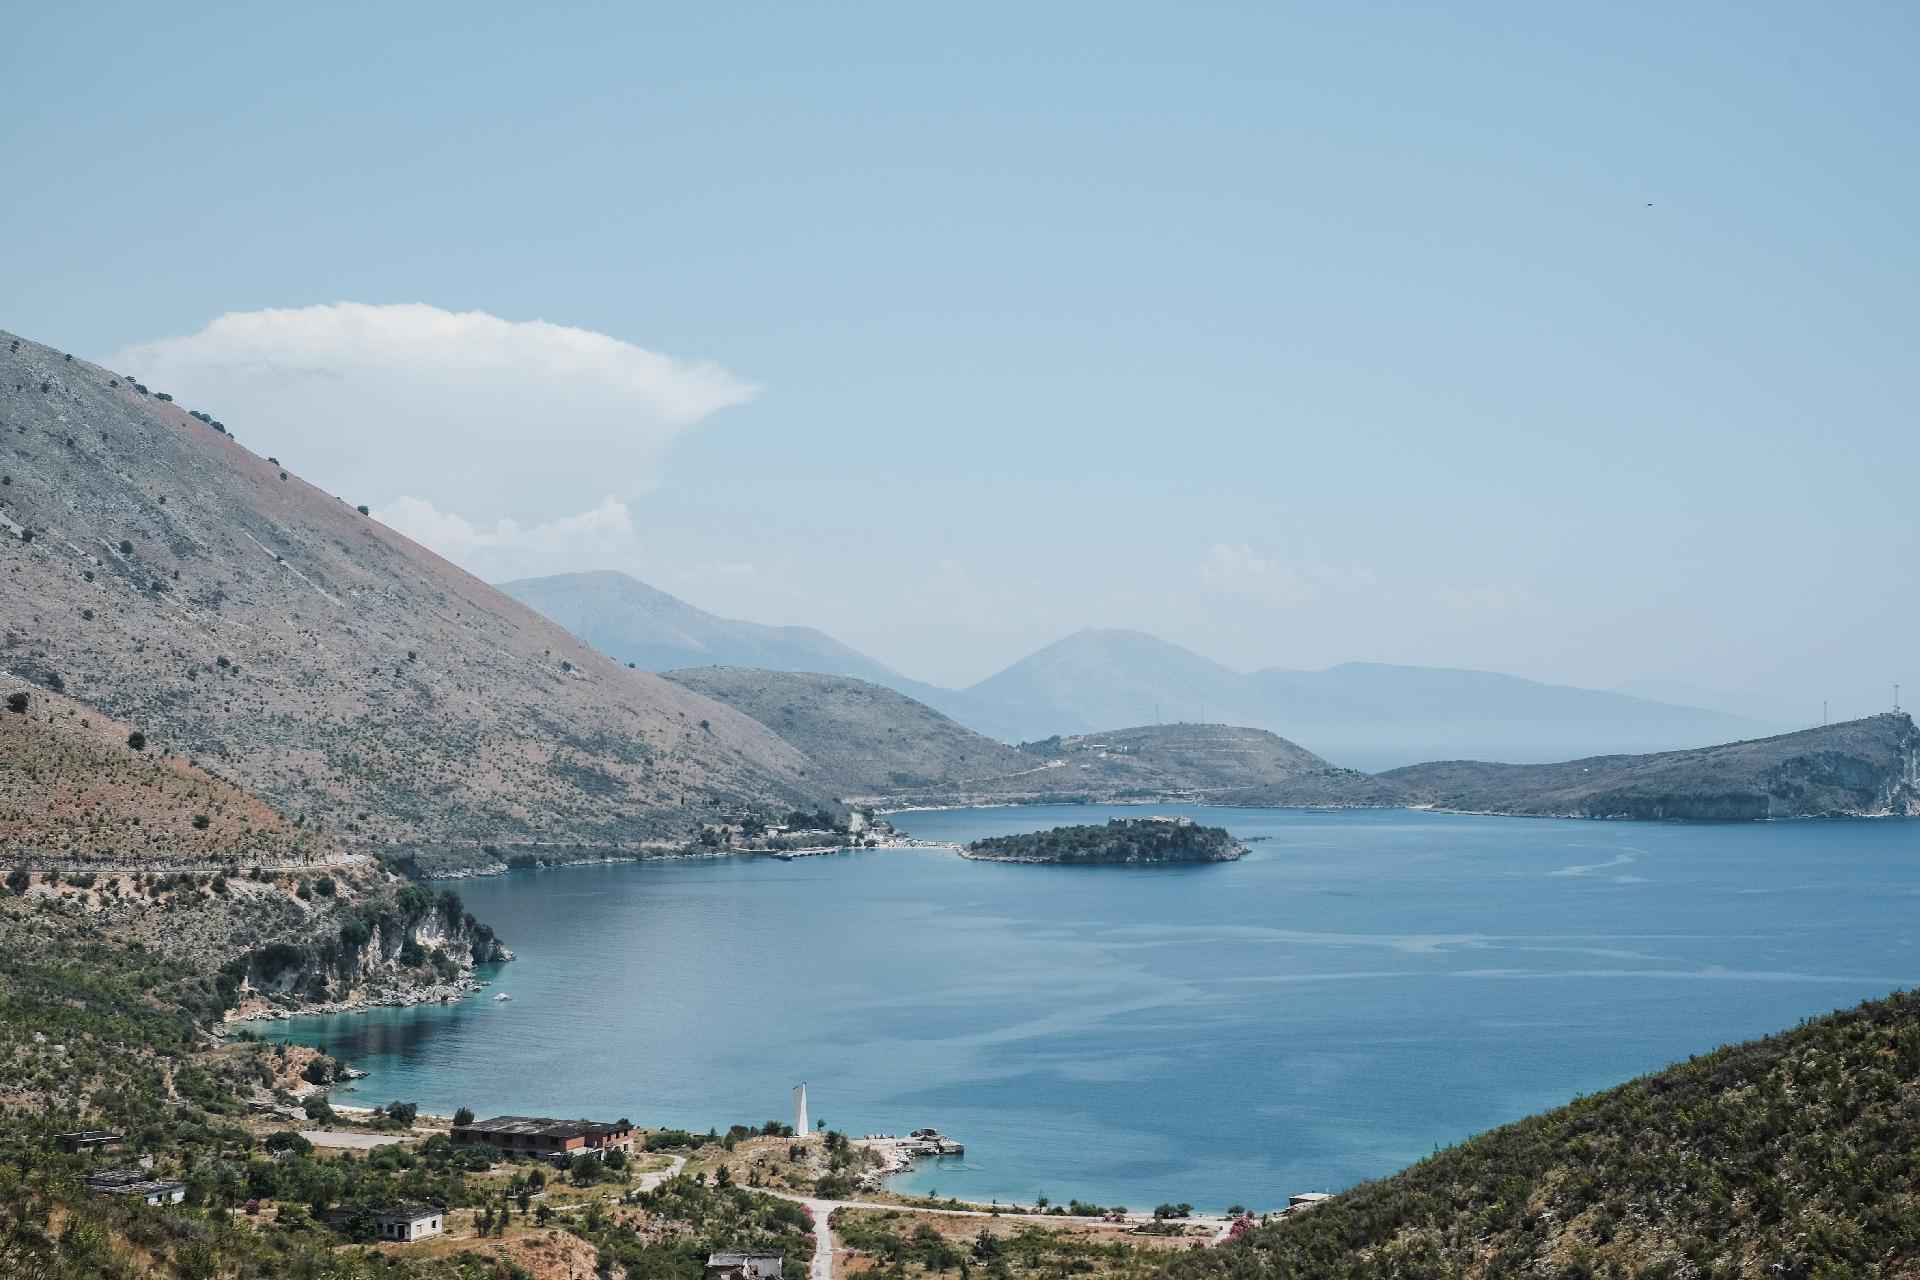 view of the Adriatic sea from Porto Palermo castle, Albania